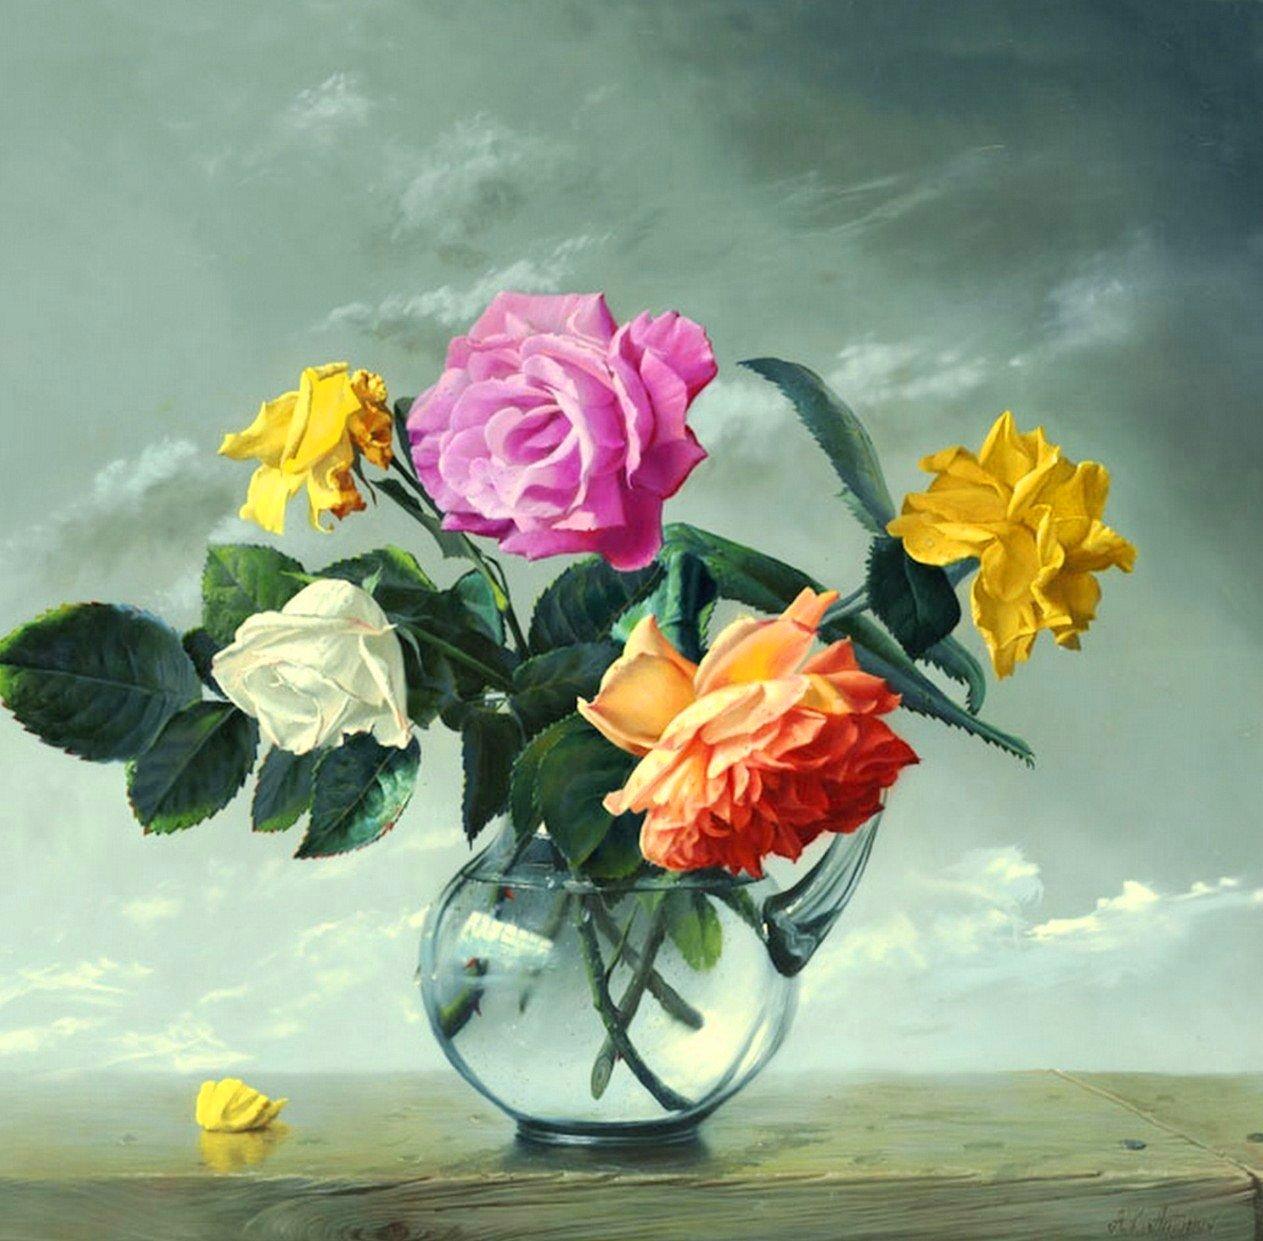 Pinturas cuadros lienzos cuadros pinturas de flores al leo - Cuadros de pintura ...